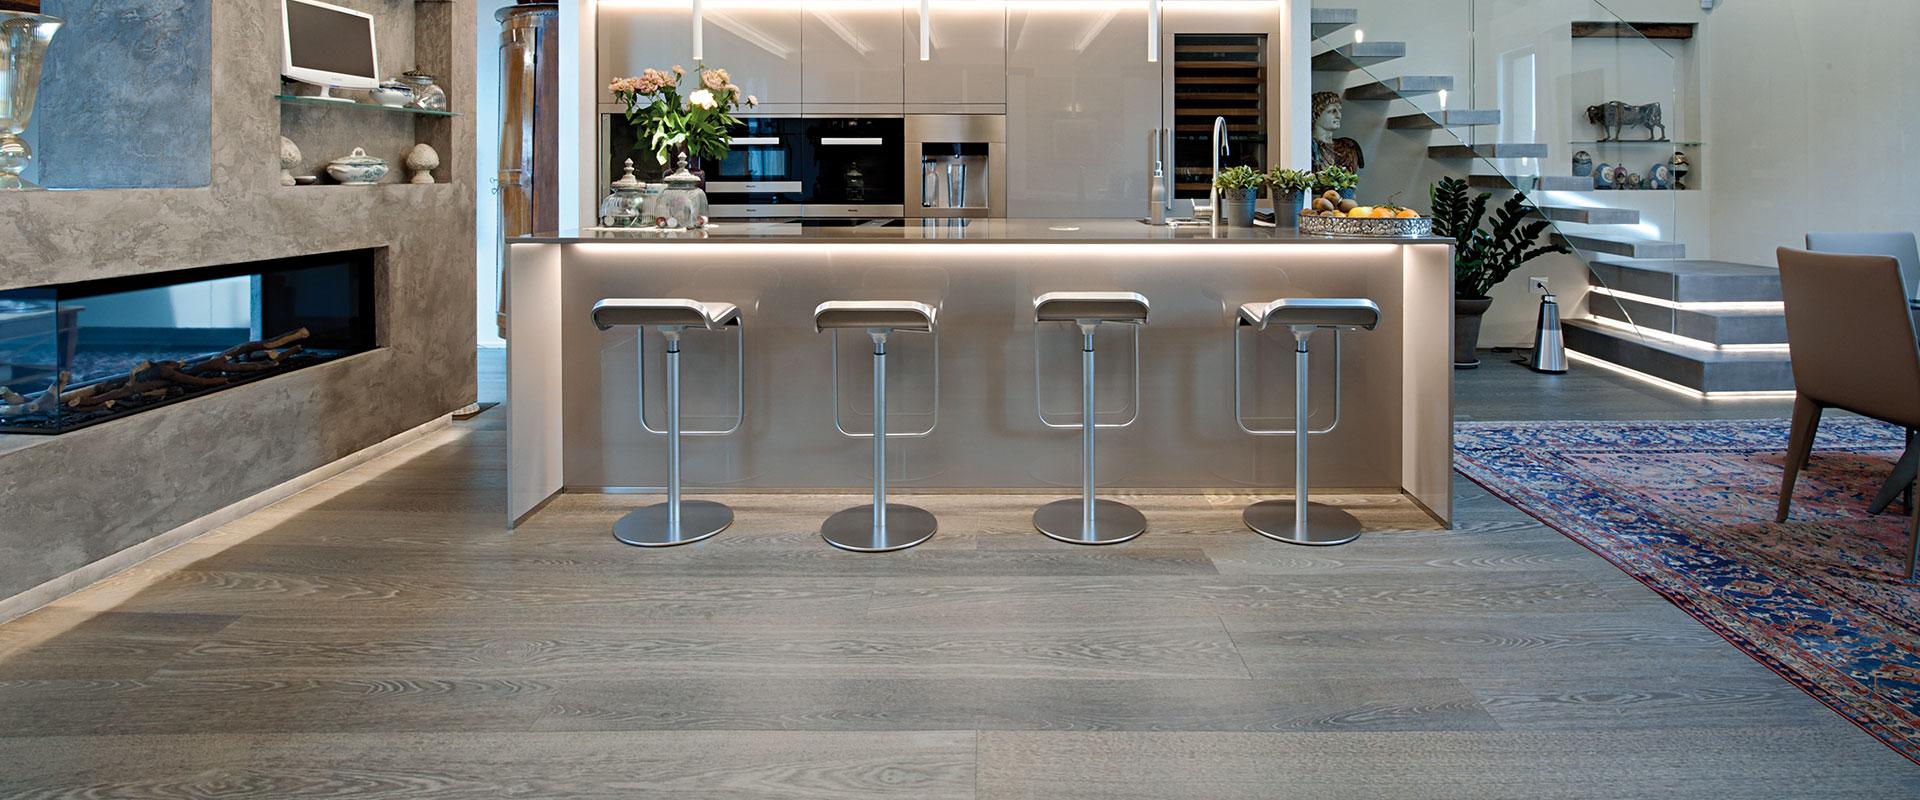 Gallery: Pavimento in legno per la Cucina   Garbelotto